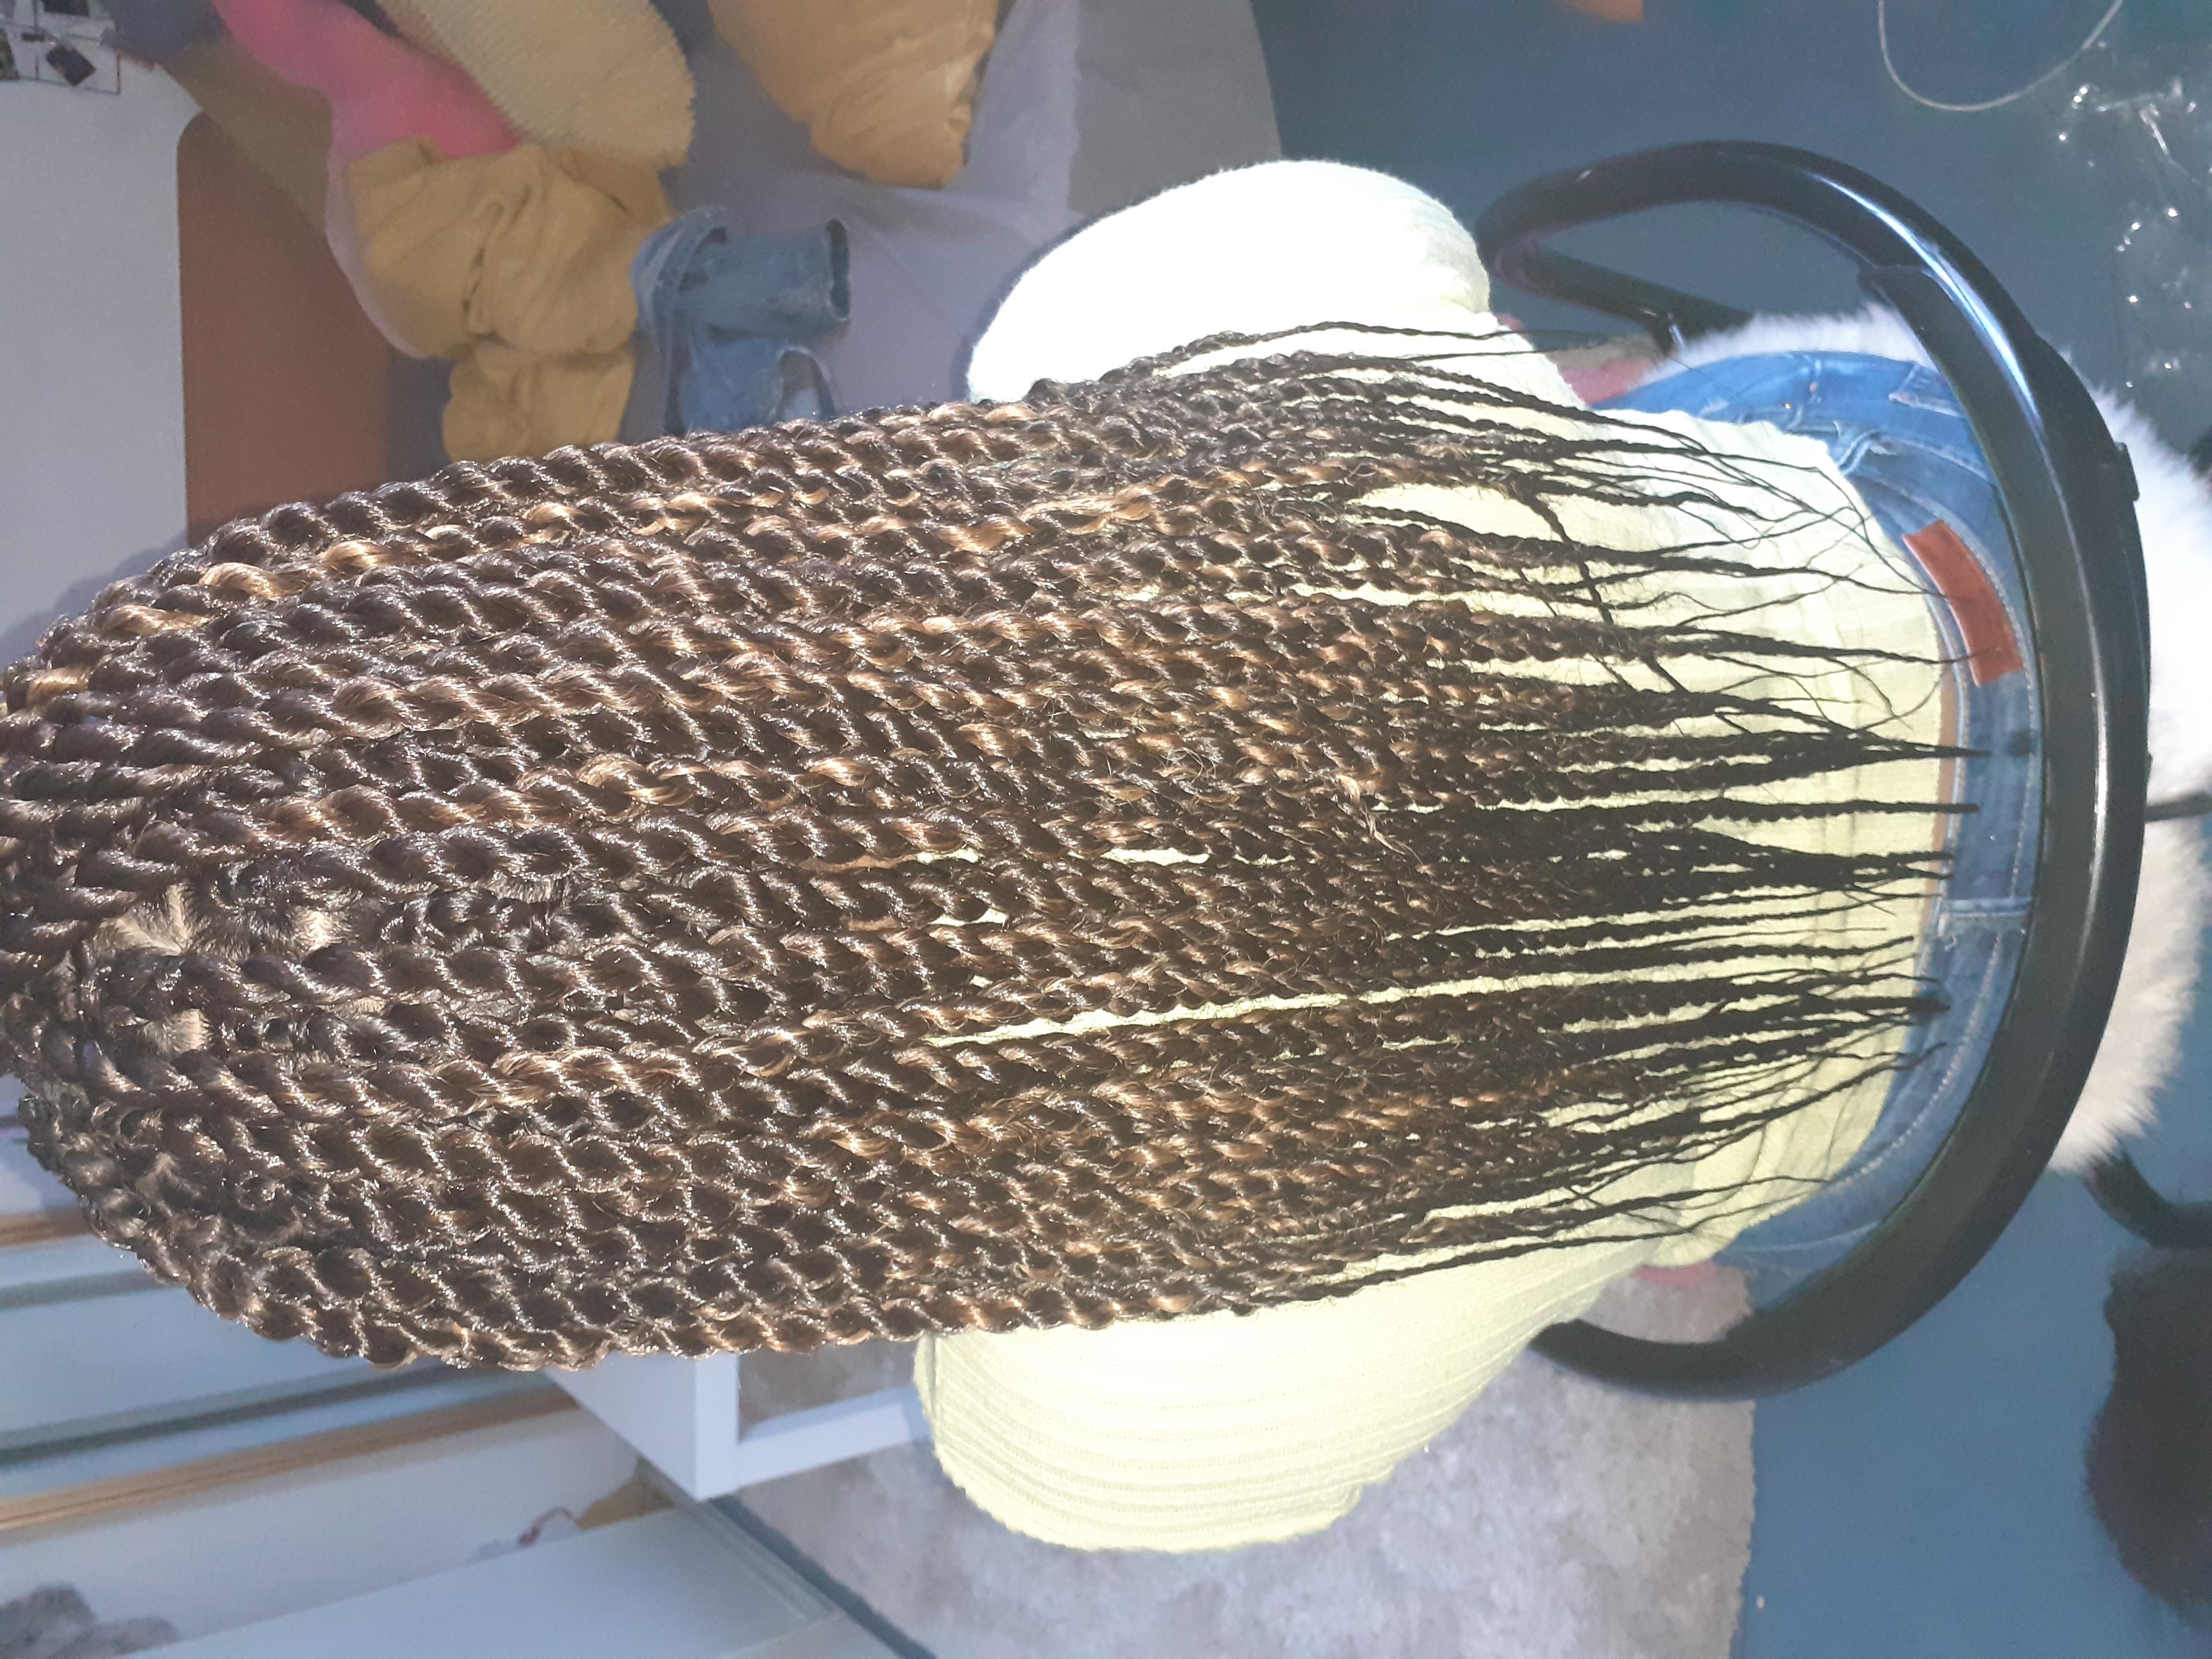 salon de coiffure afro tresse tresses box braids crochet braids vanilles tissages paris 75 77 78 91 92 93 94 95 LREBCALI